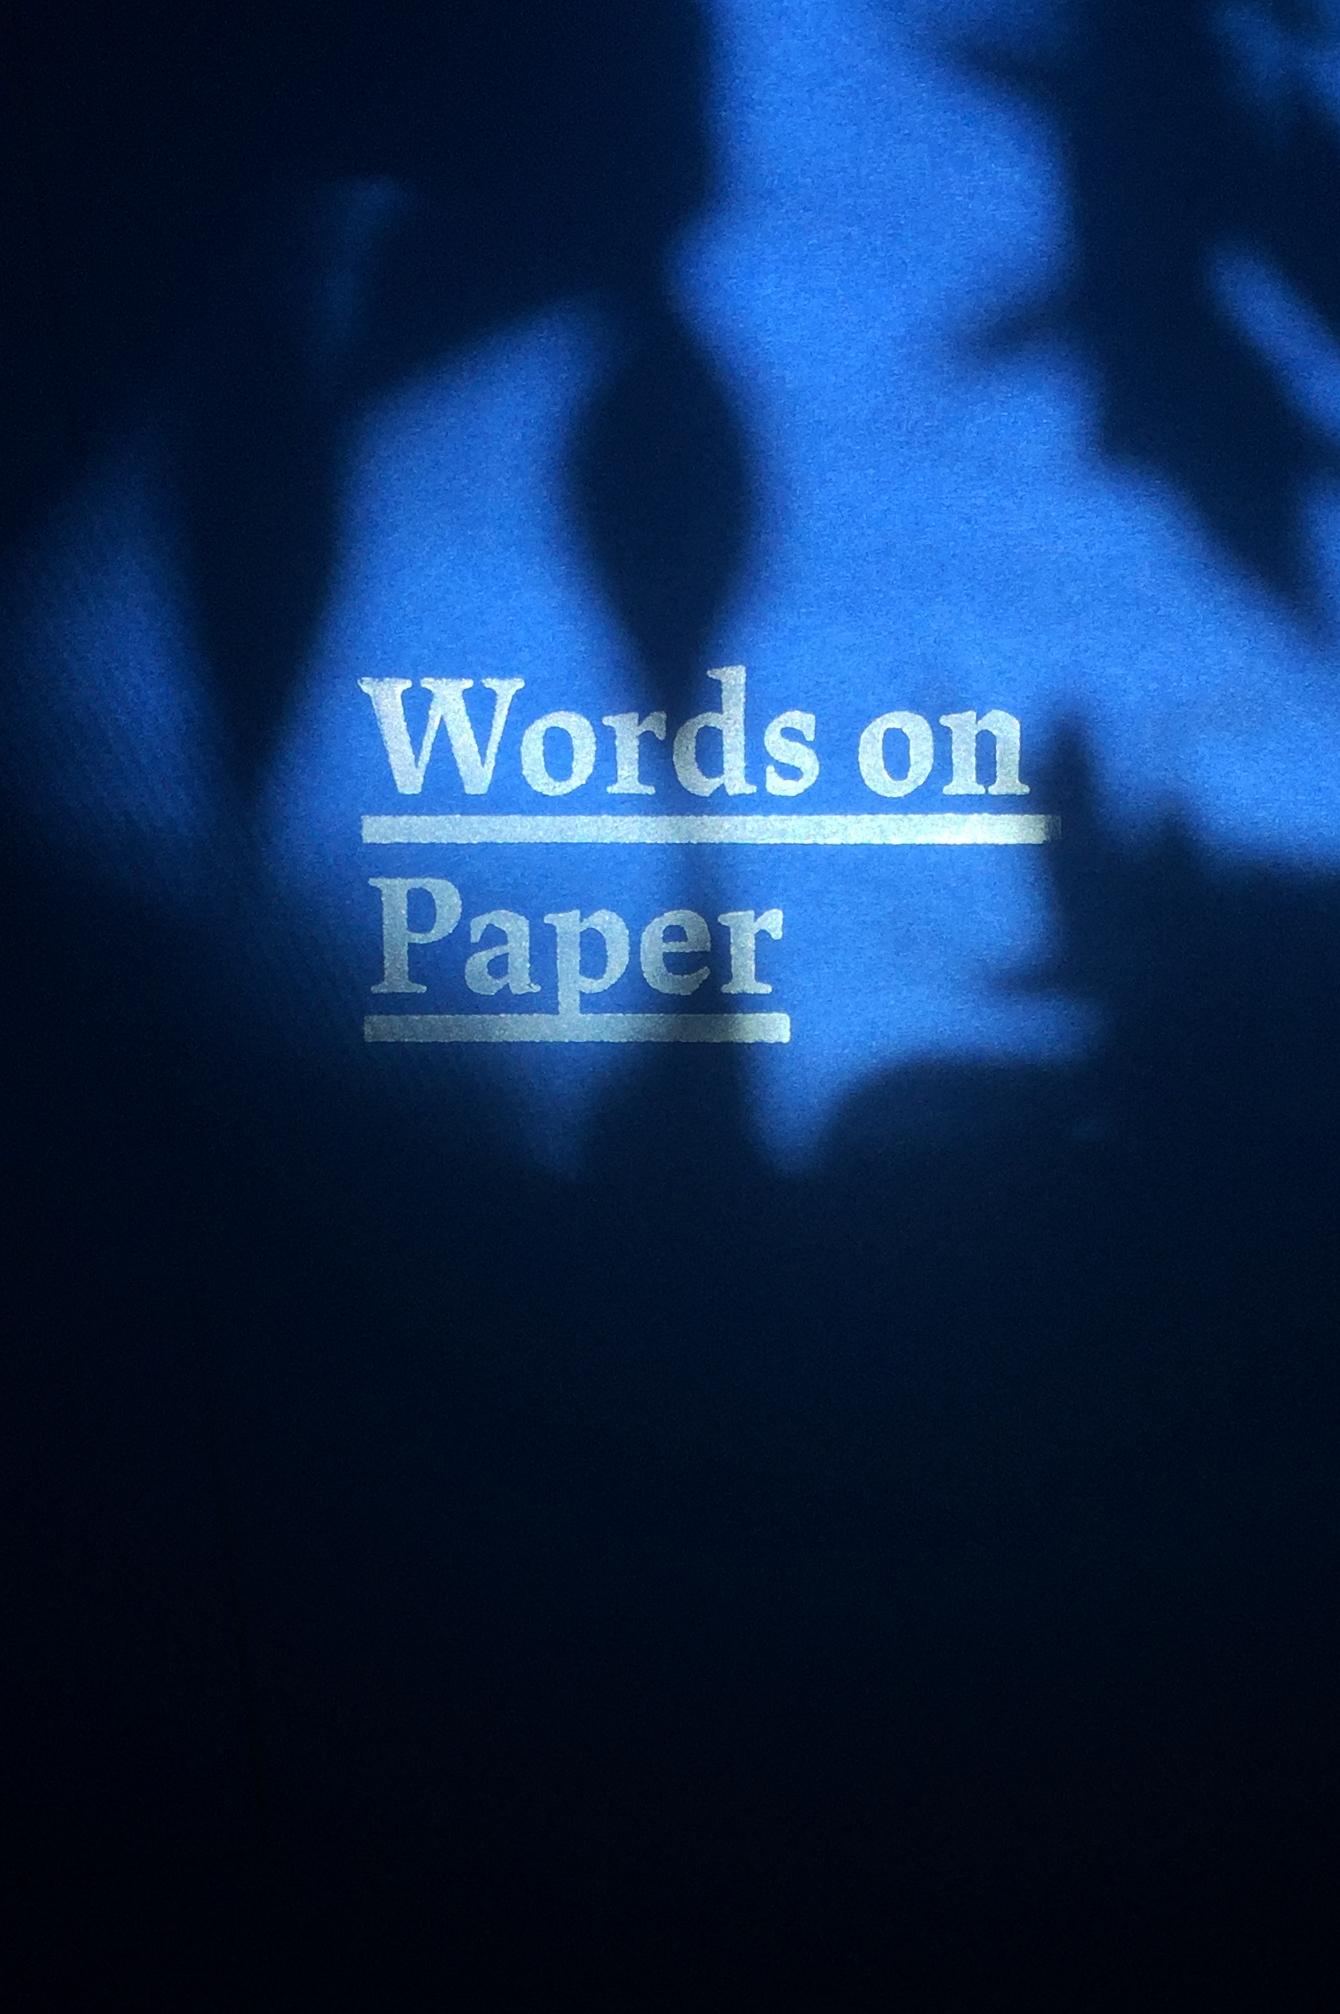 wordsonpaper_cover_2.jpg